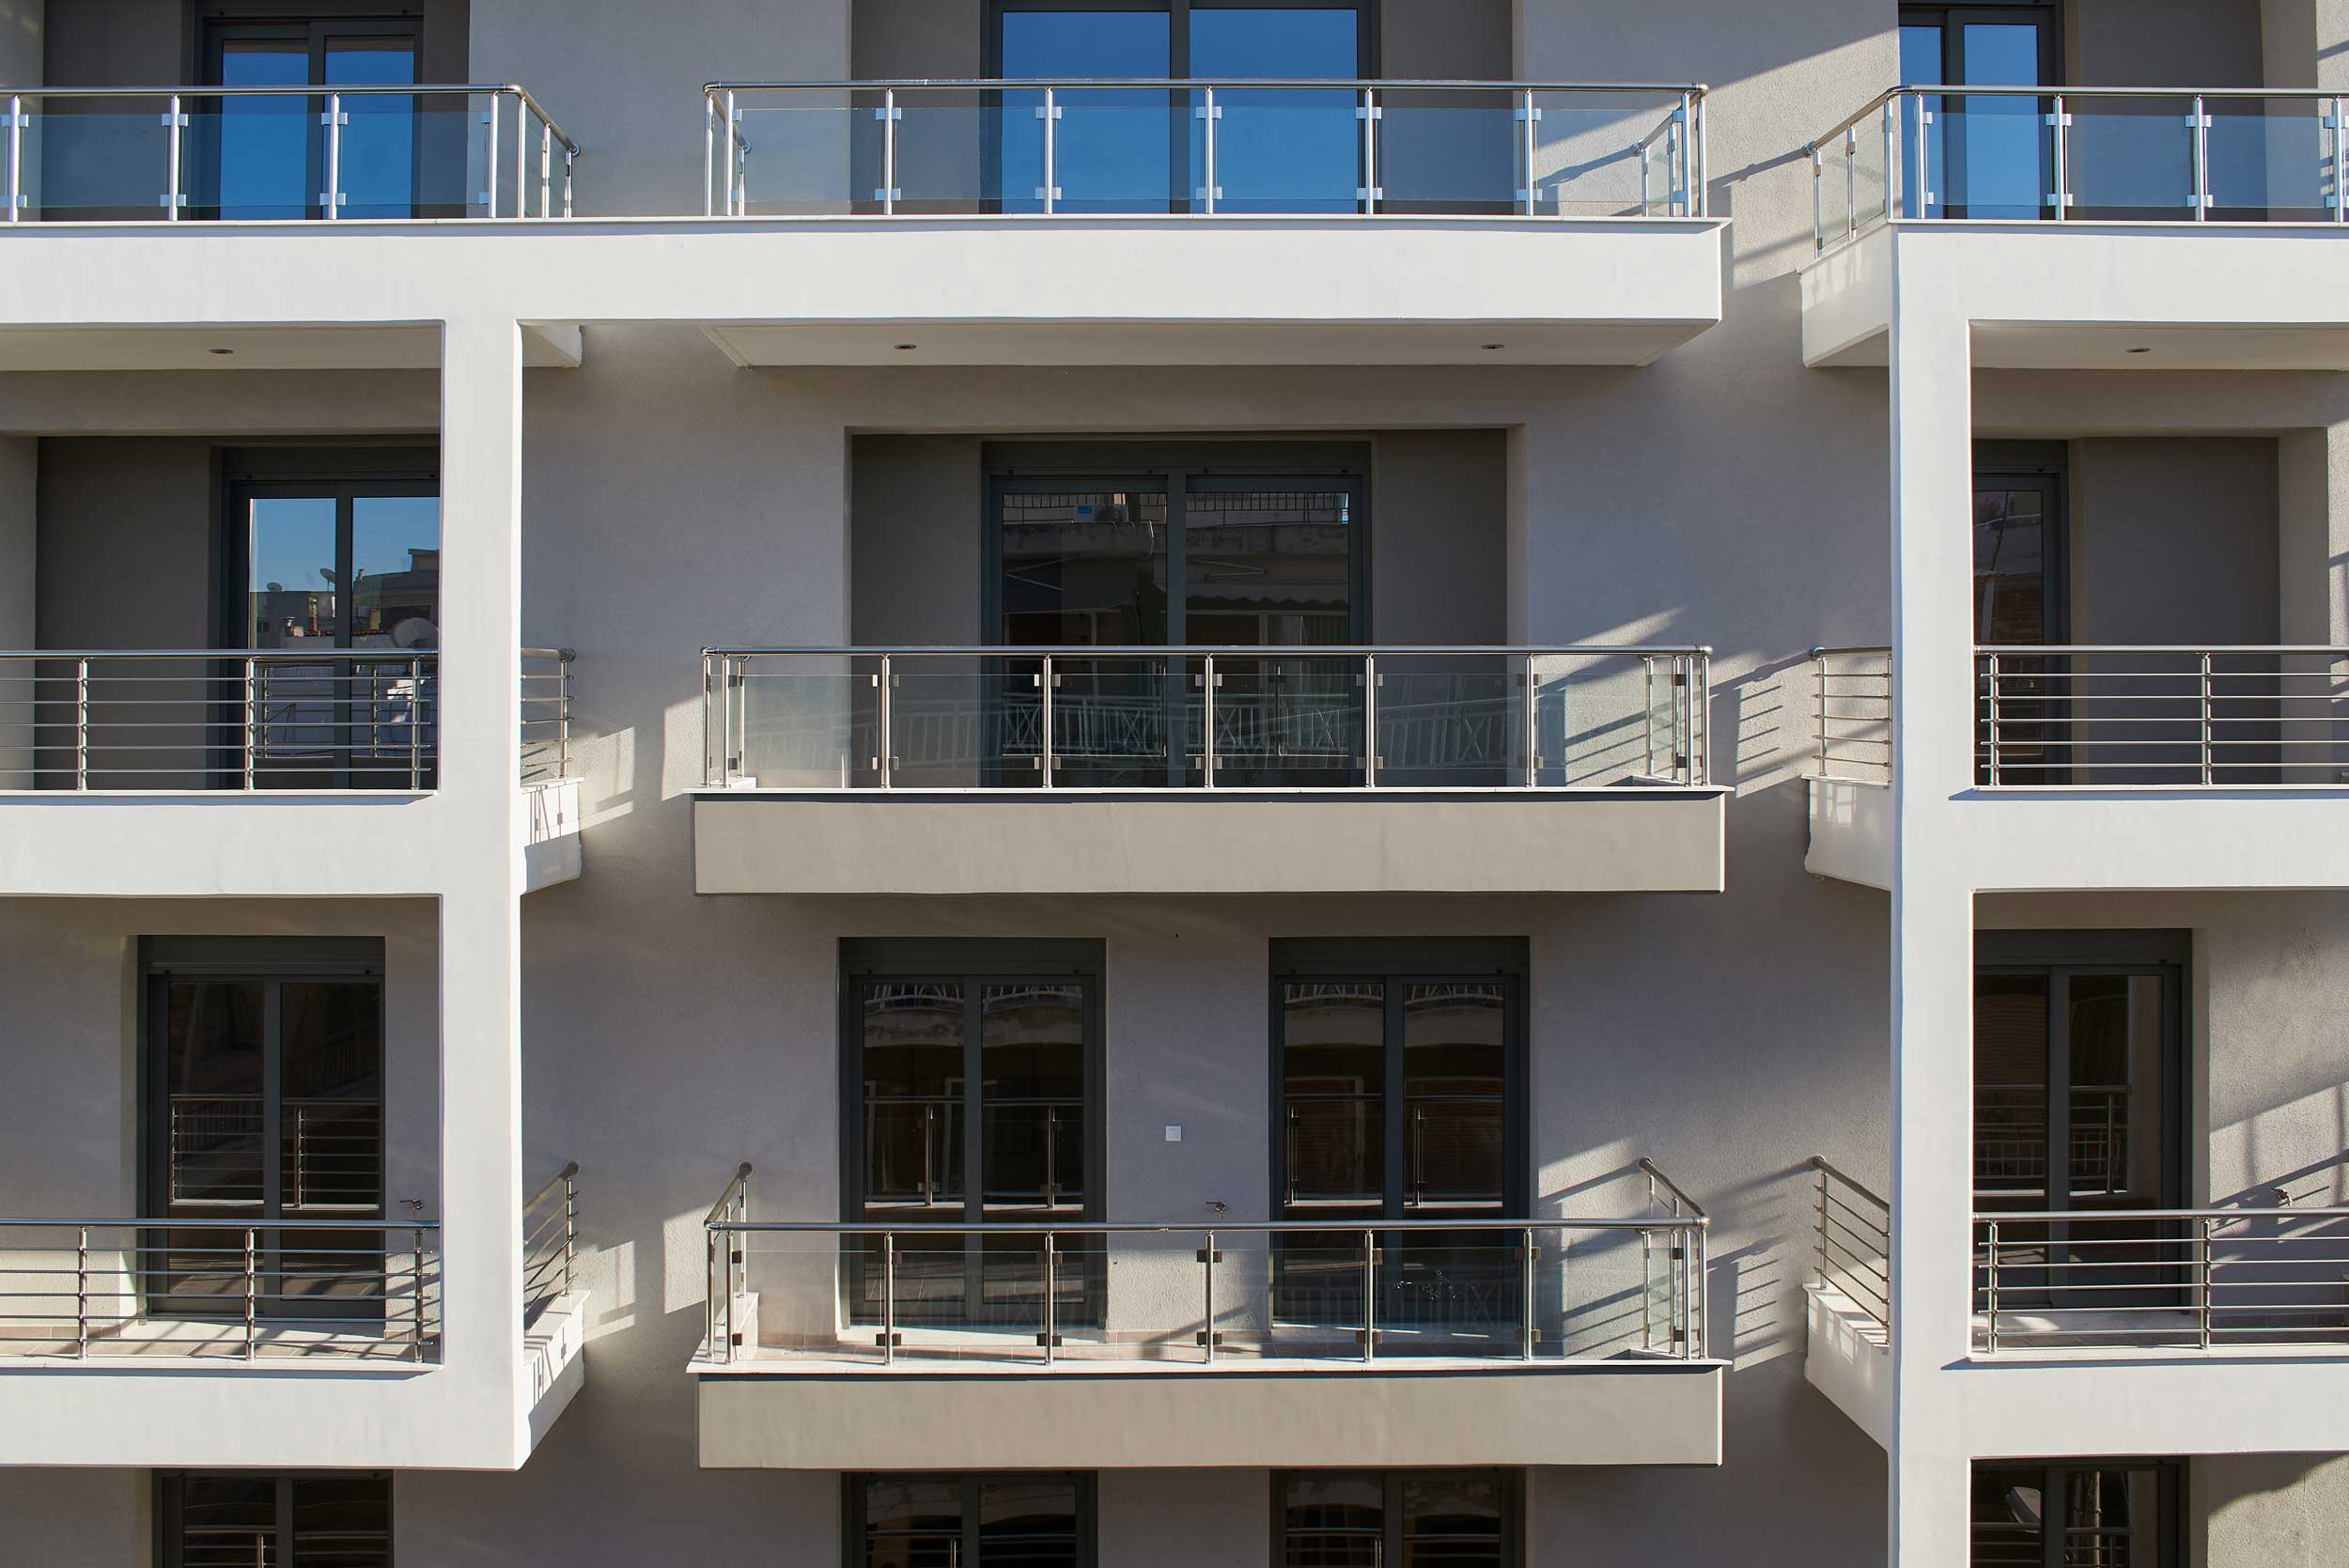 Διαμέρισμα 6ου ορόφου Ι 134 τ.μ. Ι Καλαμαριά